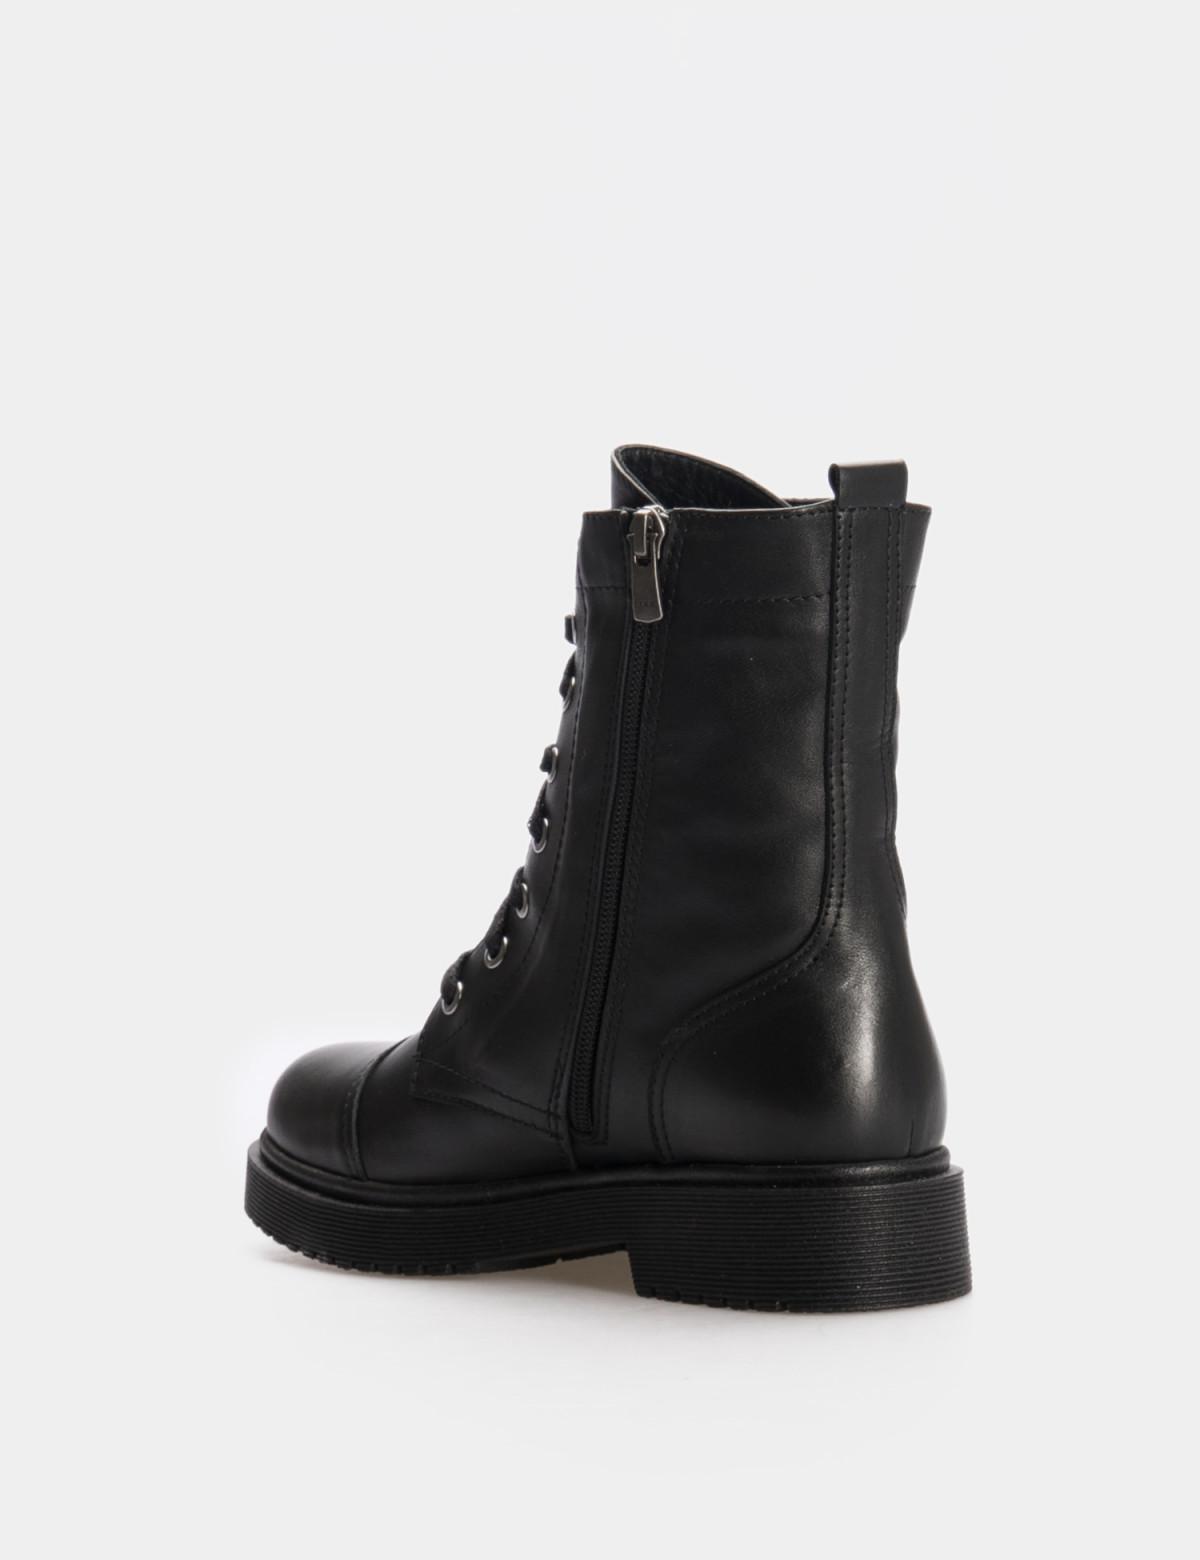 Ботинки черные. Натуральная кожа. Искуственный мех2